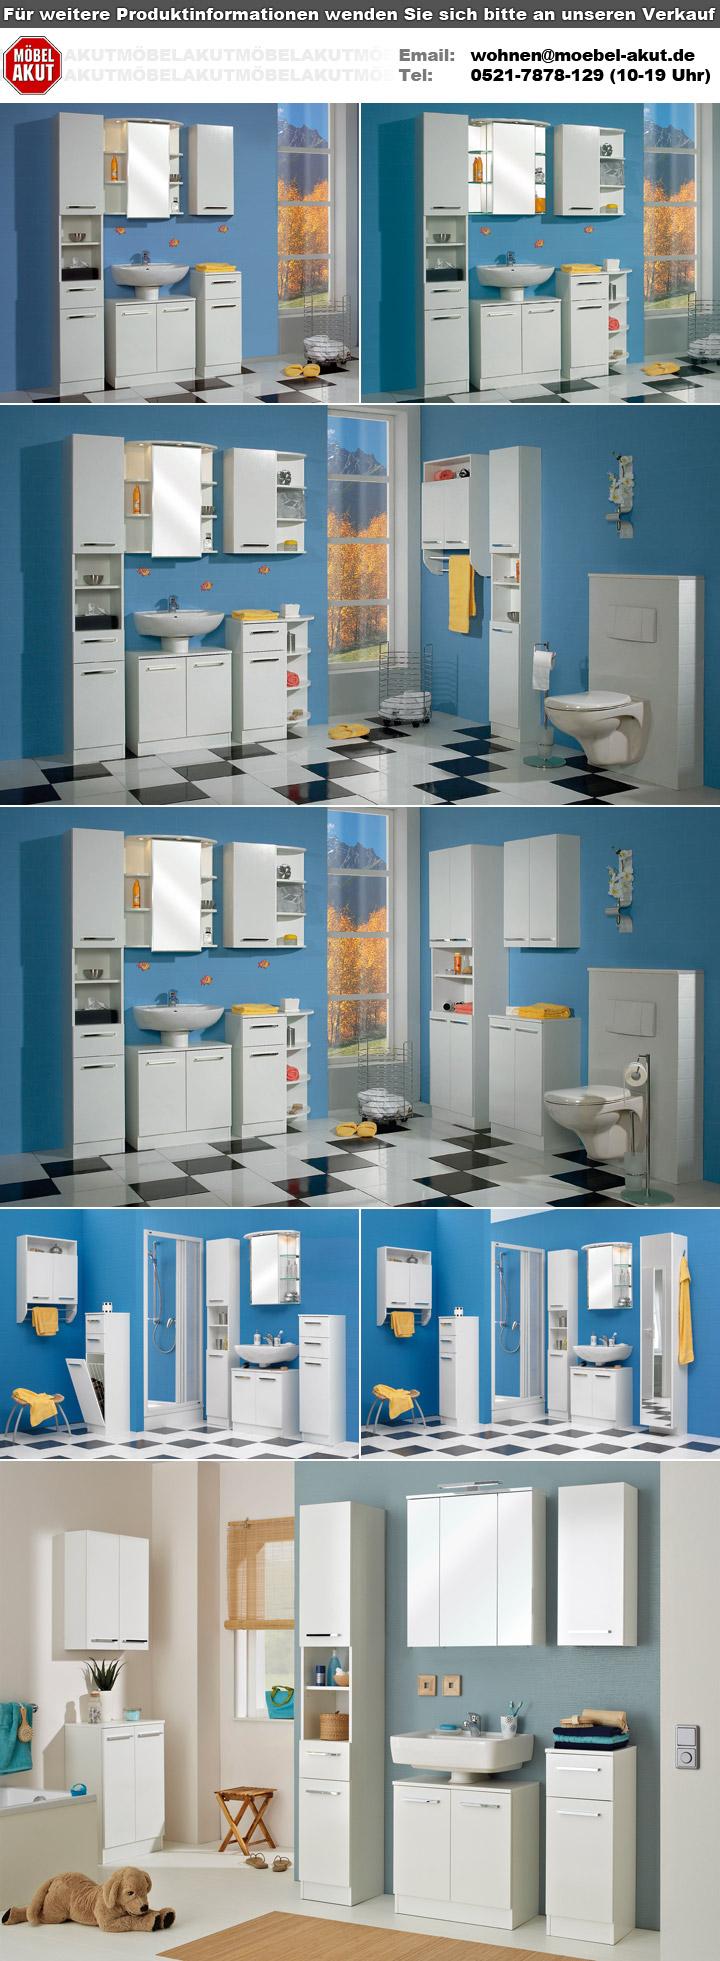 Ungewöhnlich Büromöbel Trier Bilder - Das Beste Architekturbild ...